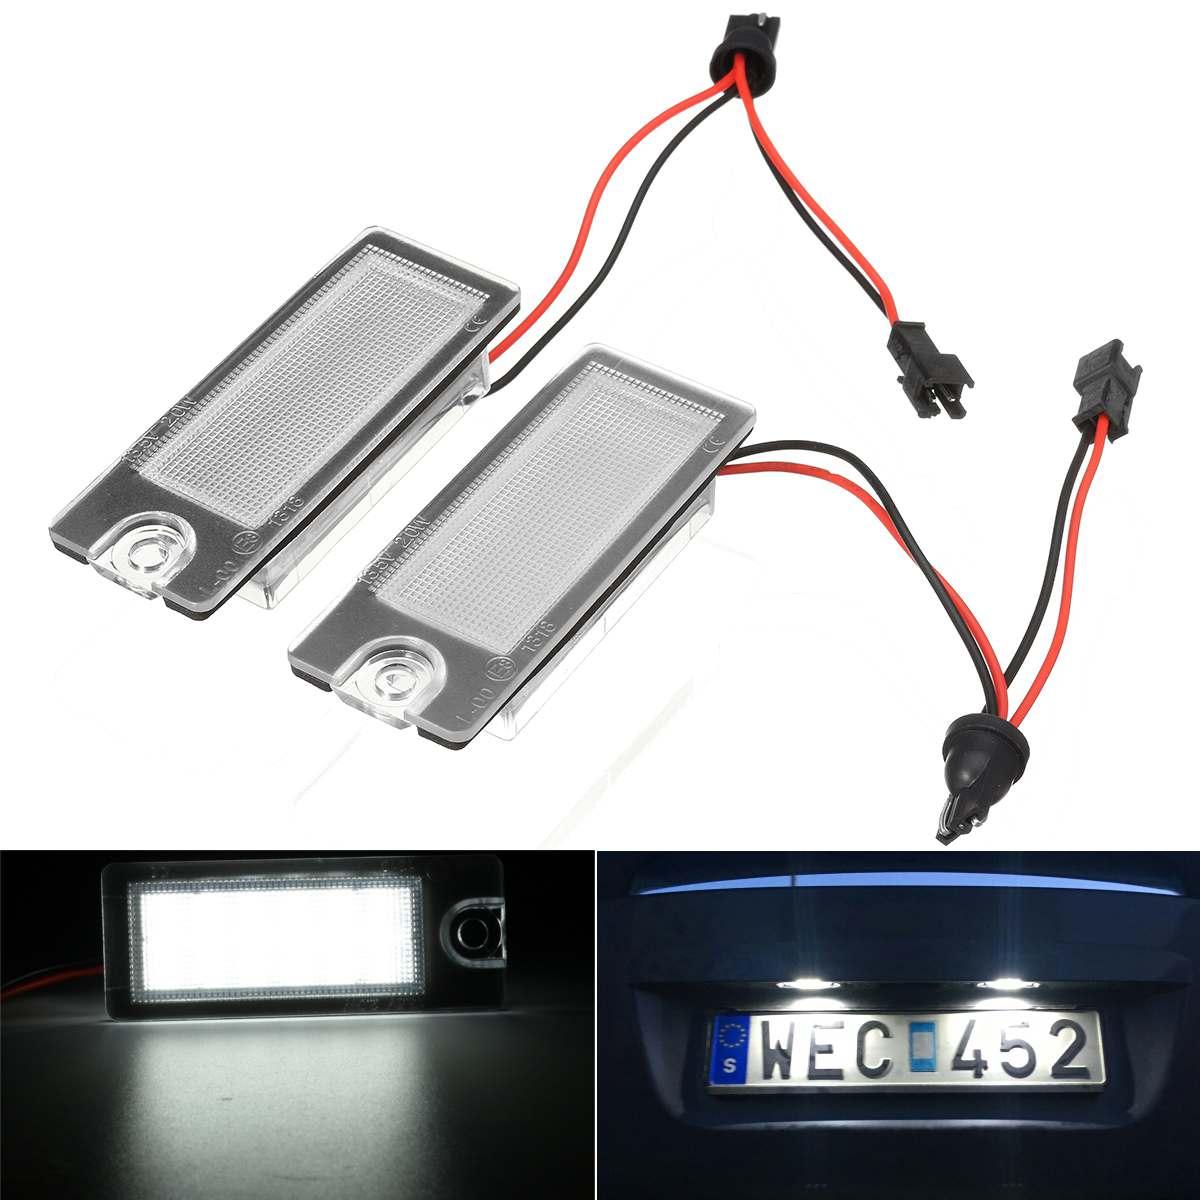 Par trasero número de licencia Placa de LED de luz blanca para Volvo V70 CX70 S60 S80 XC90 2001, 2002, 2003, 2004, 2005, 2006, 2007